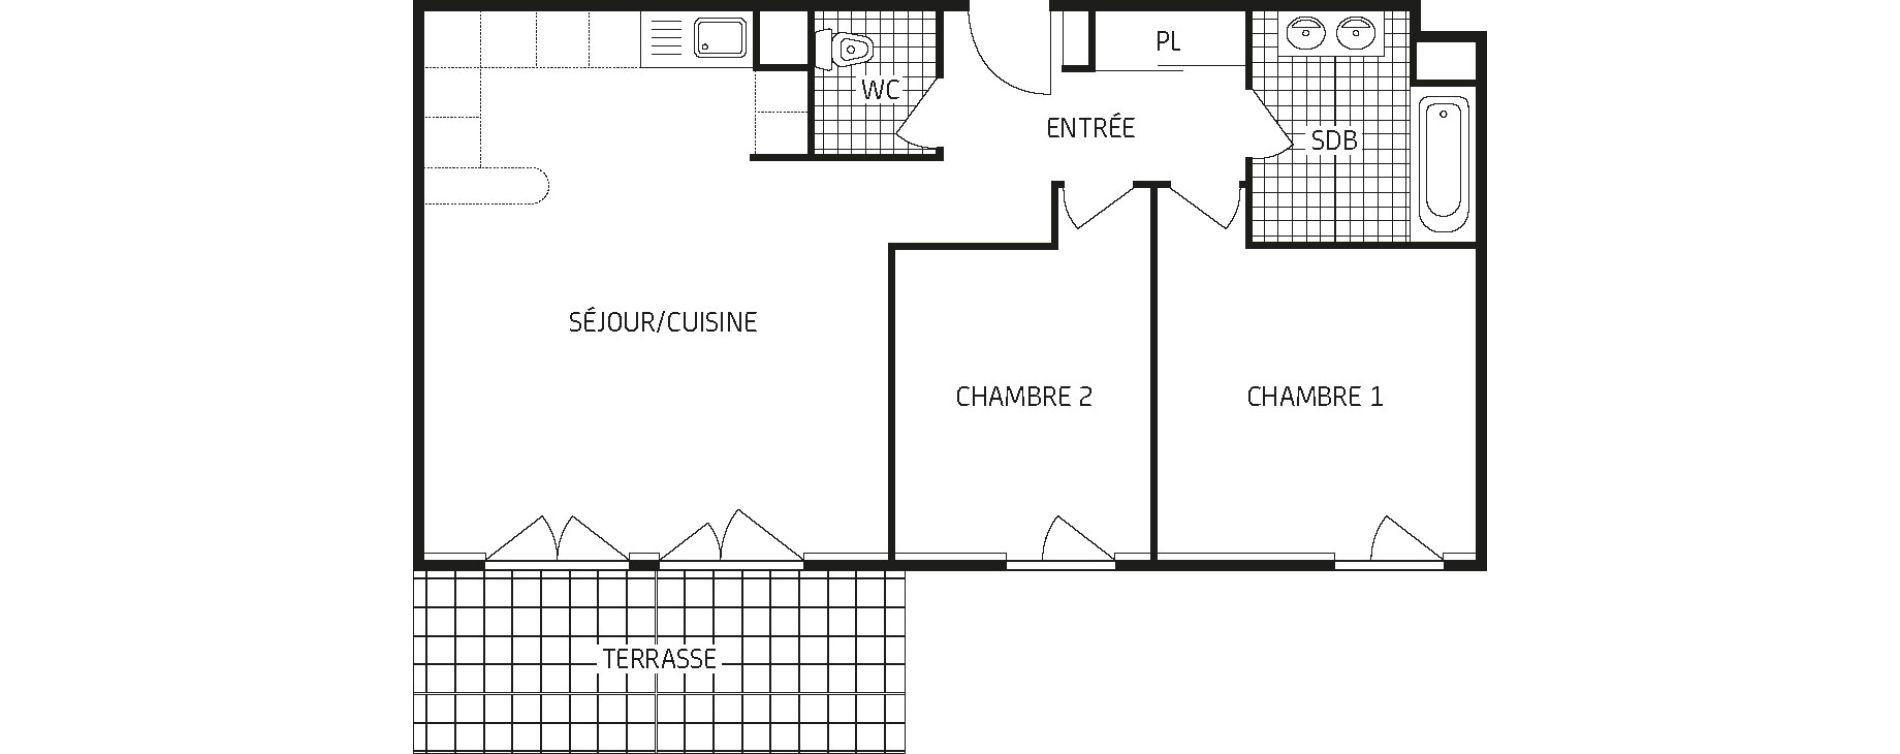 Appartement T3 de 64,84 m2 à Amiens Intercampus